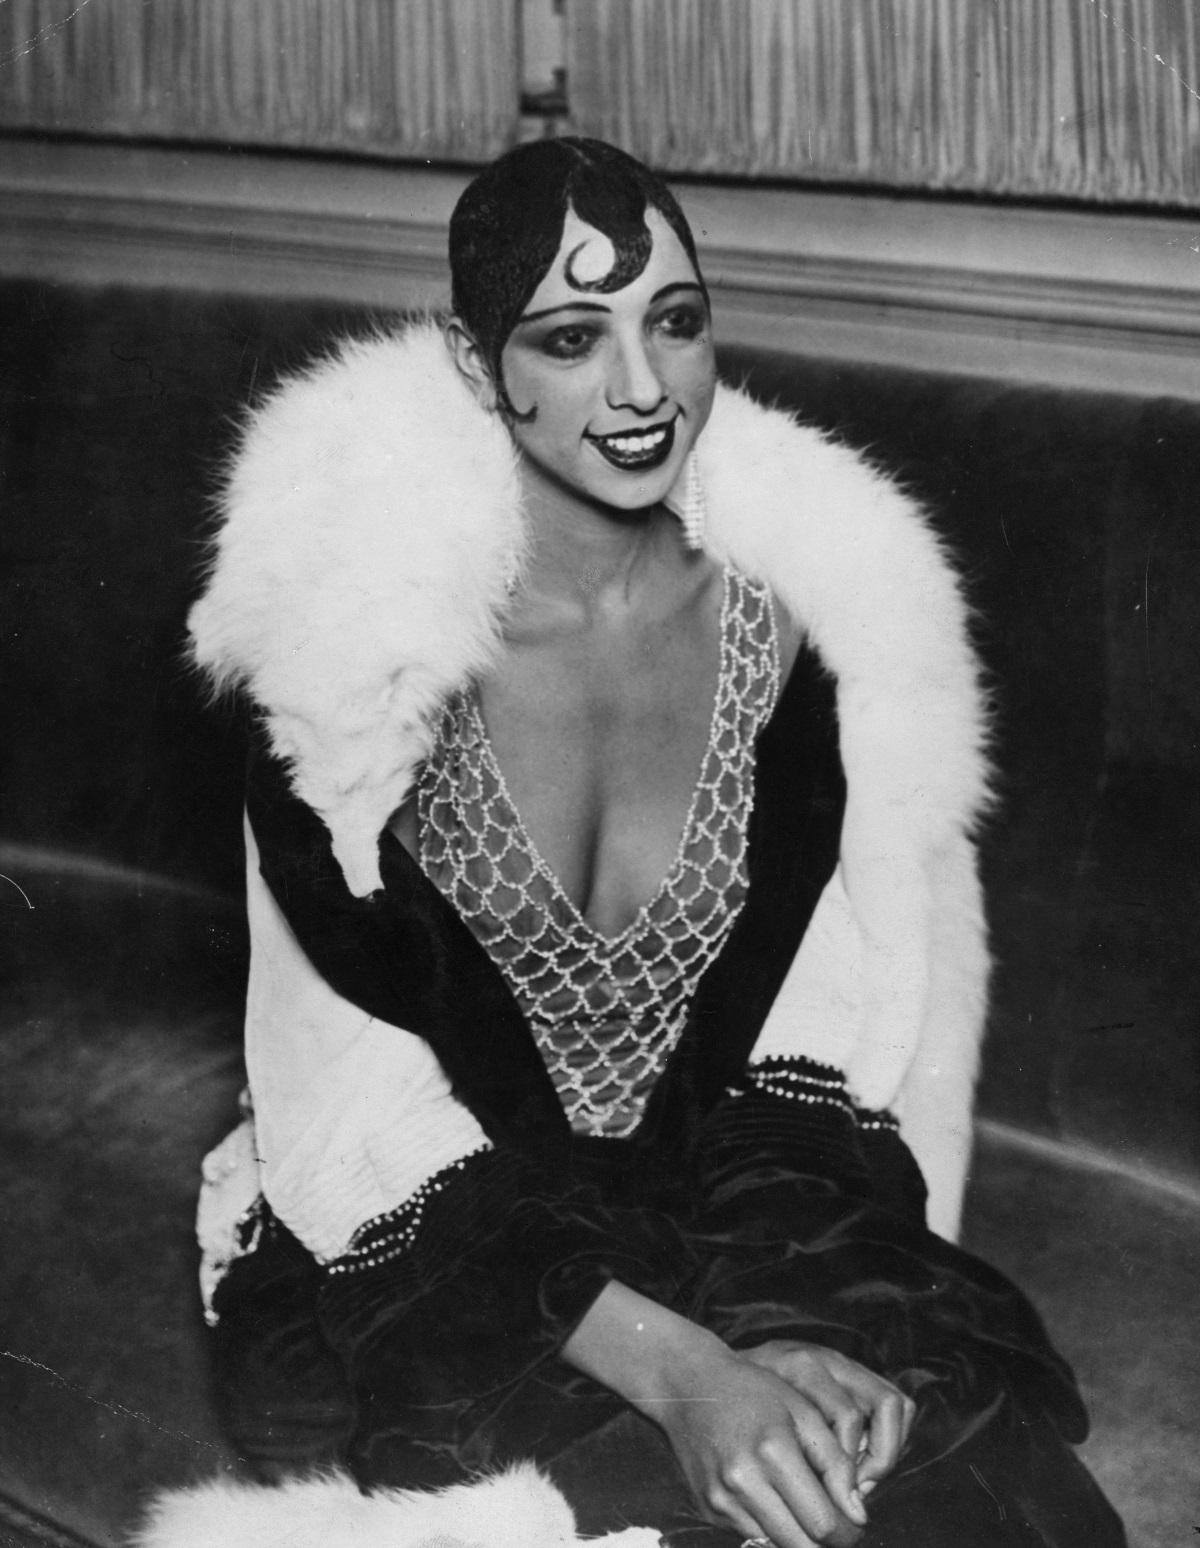 """Джозефин Бейкър - Световноизвестната американско-френска танцьорка и певица влиза през 1960 г. в масонската ложа Nouvelle Jerusalem. Въпреки че според статута на английската Велика ложа масонството е чисто """"мъжка територия"""", във Франция възникват ложи, в които право на членство имат и жени. По-късно се основават и чисто женски масонски ложи. Днес в Германия има общо 27 такива ложи."""